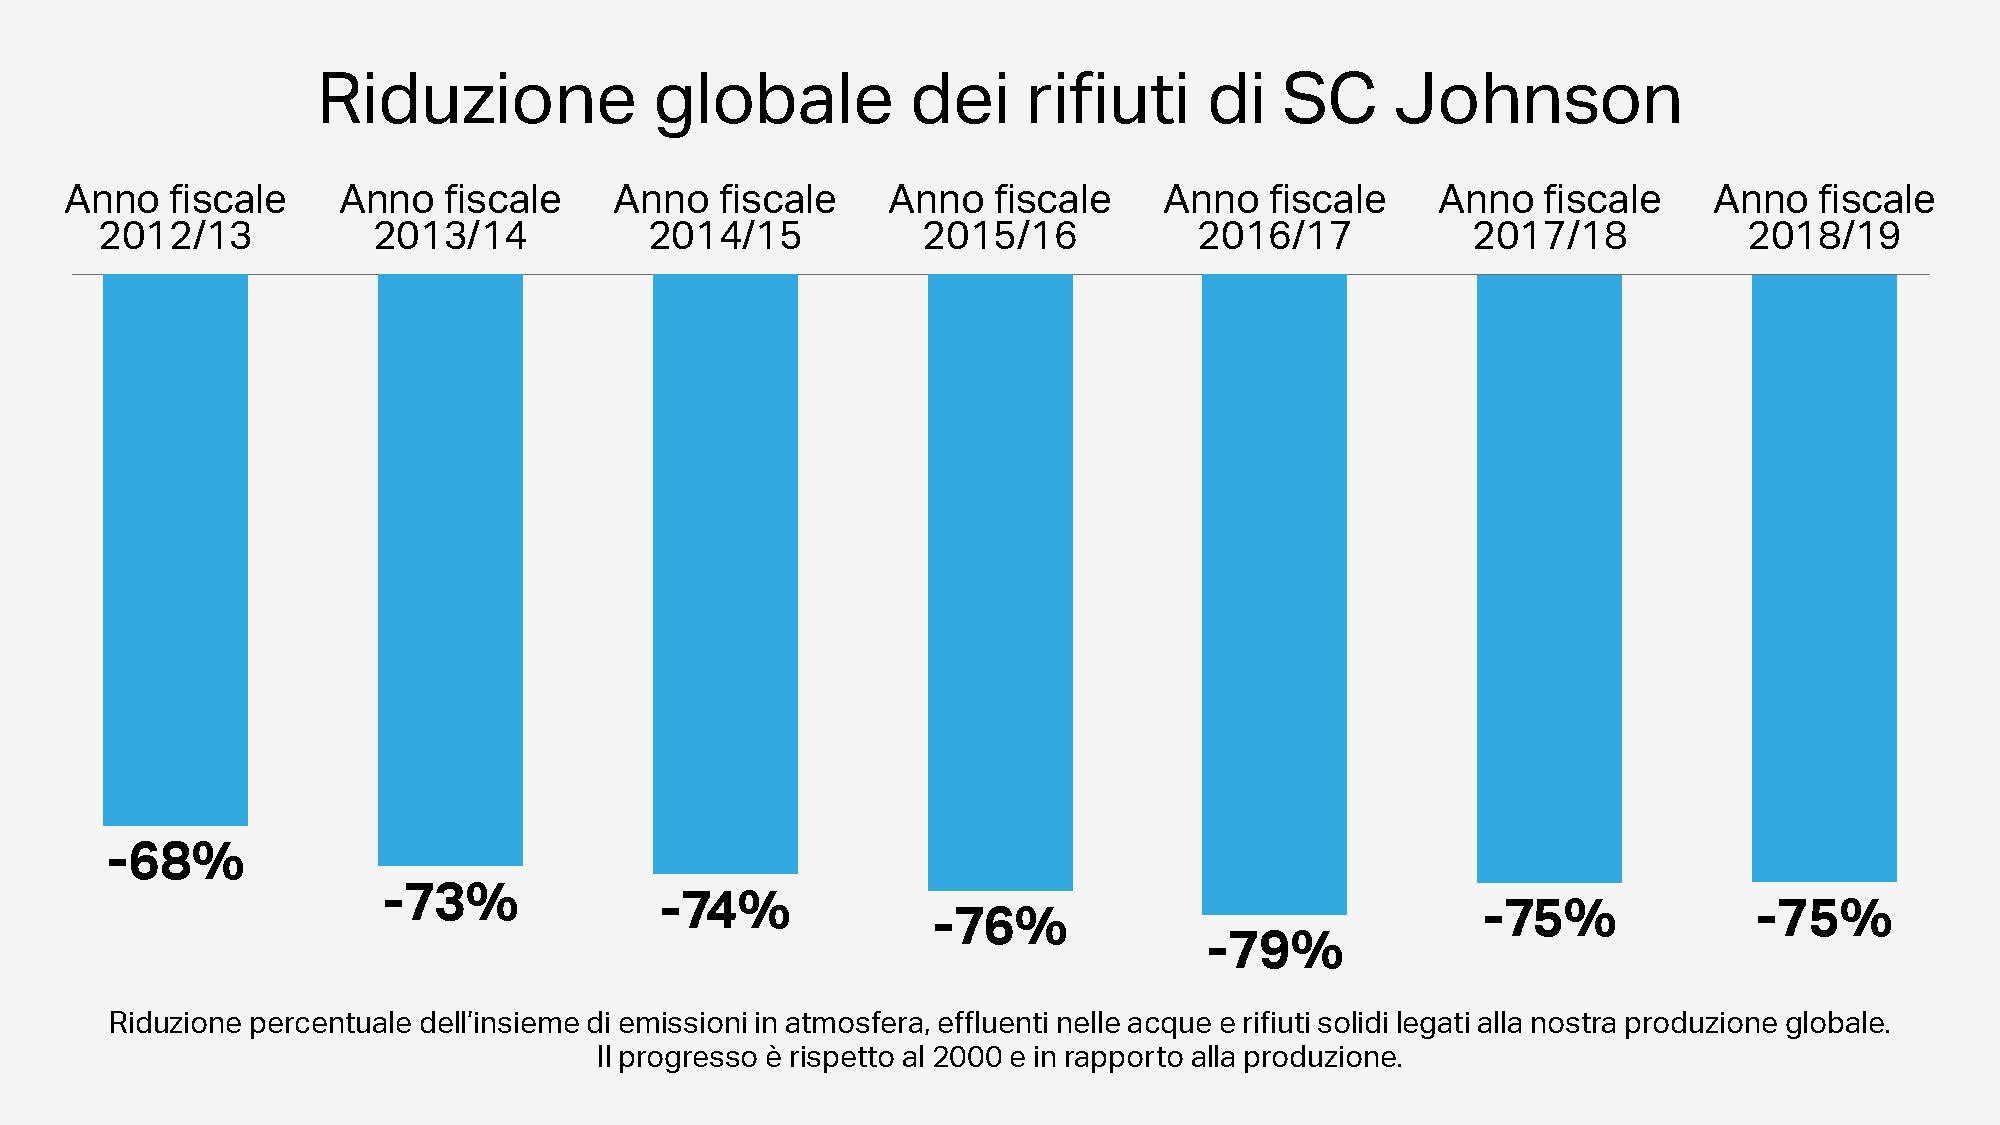 Riduzione delle emissioni nocive globali di produzione di SC Johnson